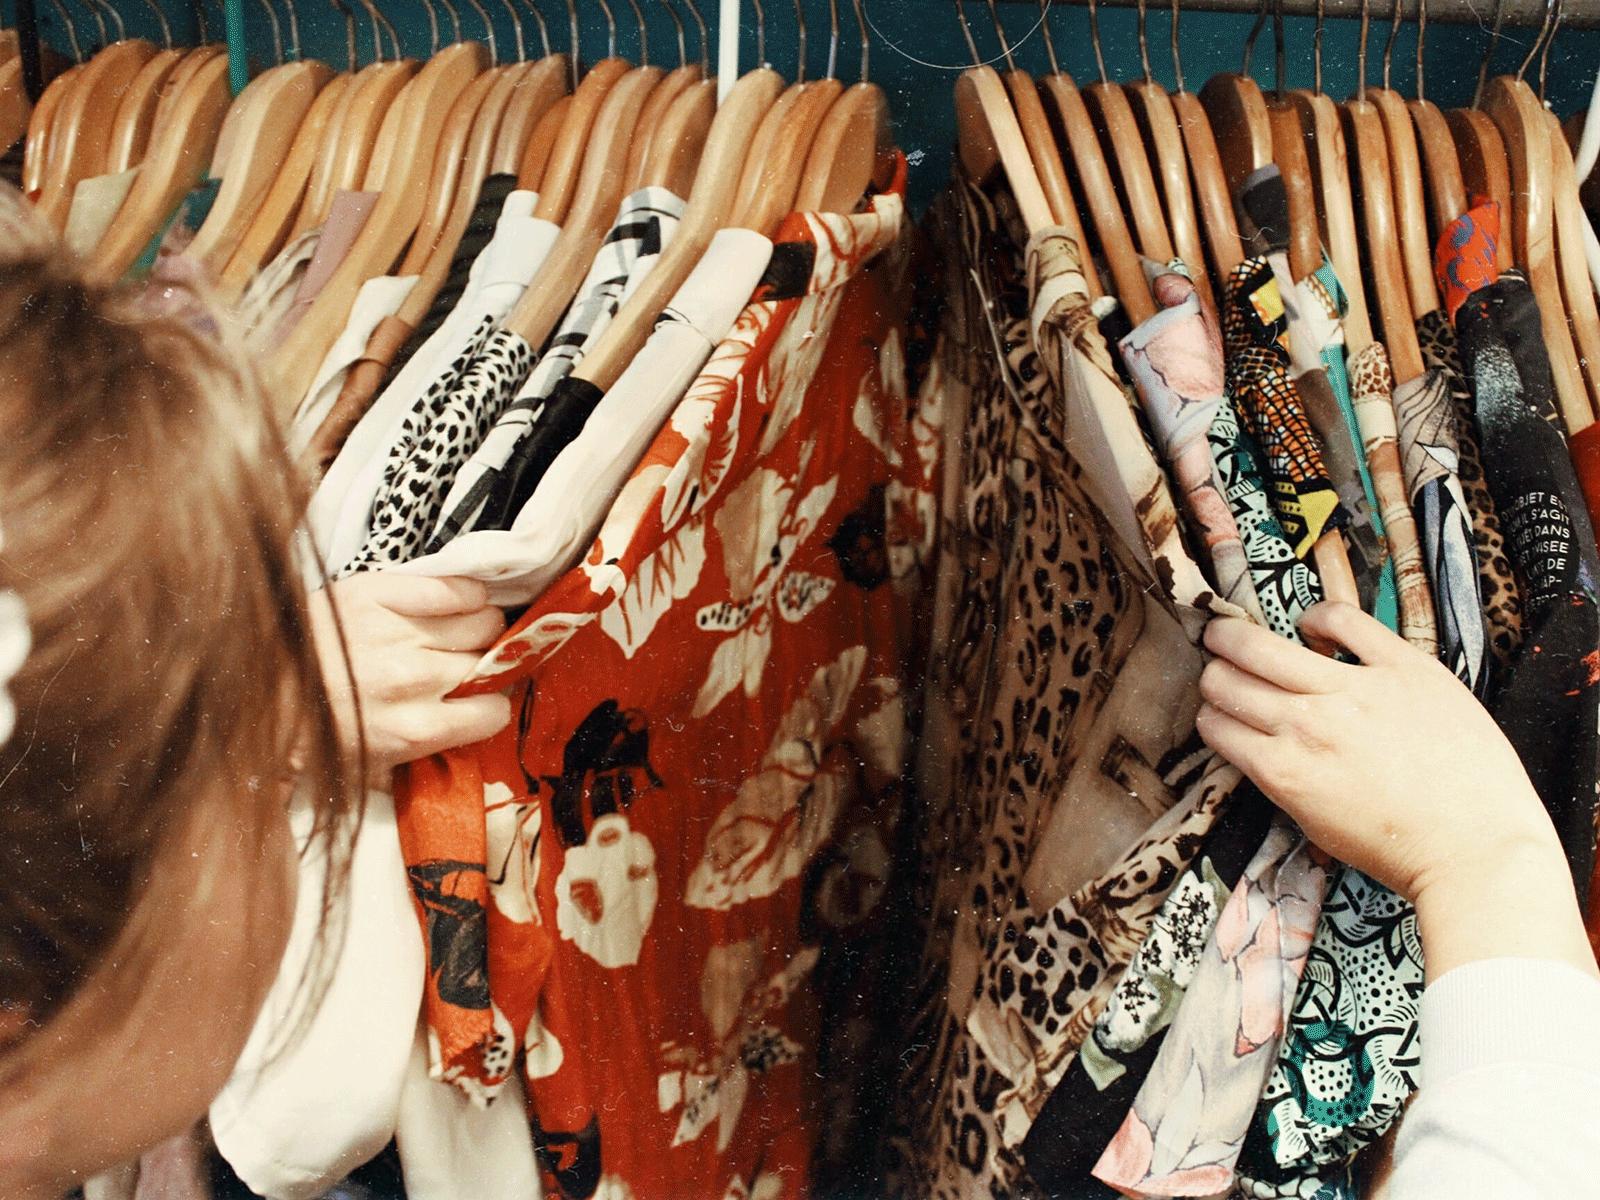 購買二手衣的注意事項 旋轉拍賣